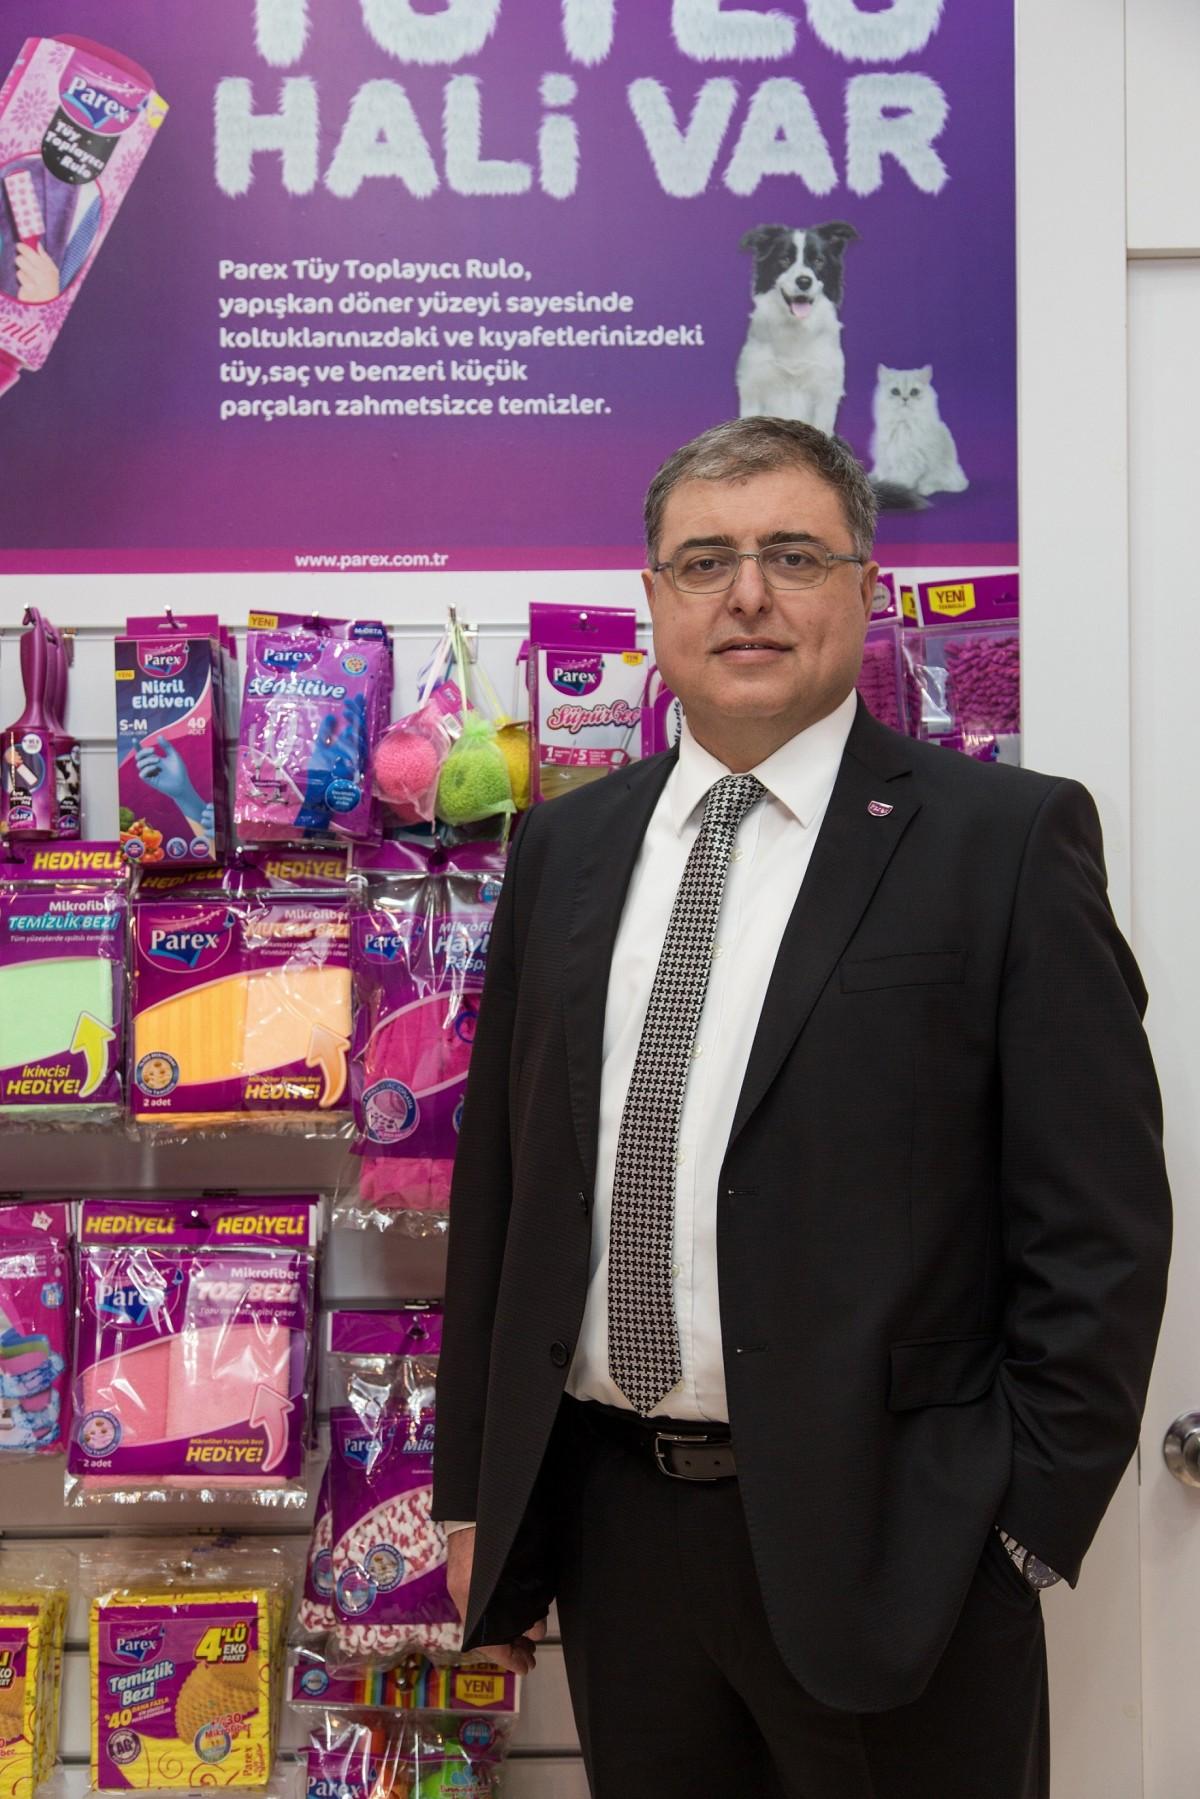 Türkiye'nin markası Parex, yerli marketlere desteğ...